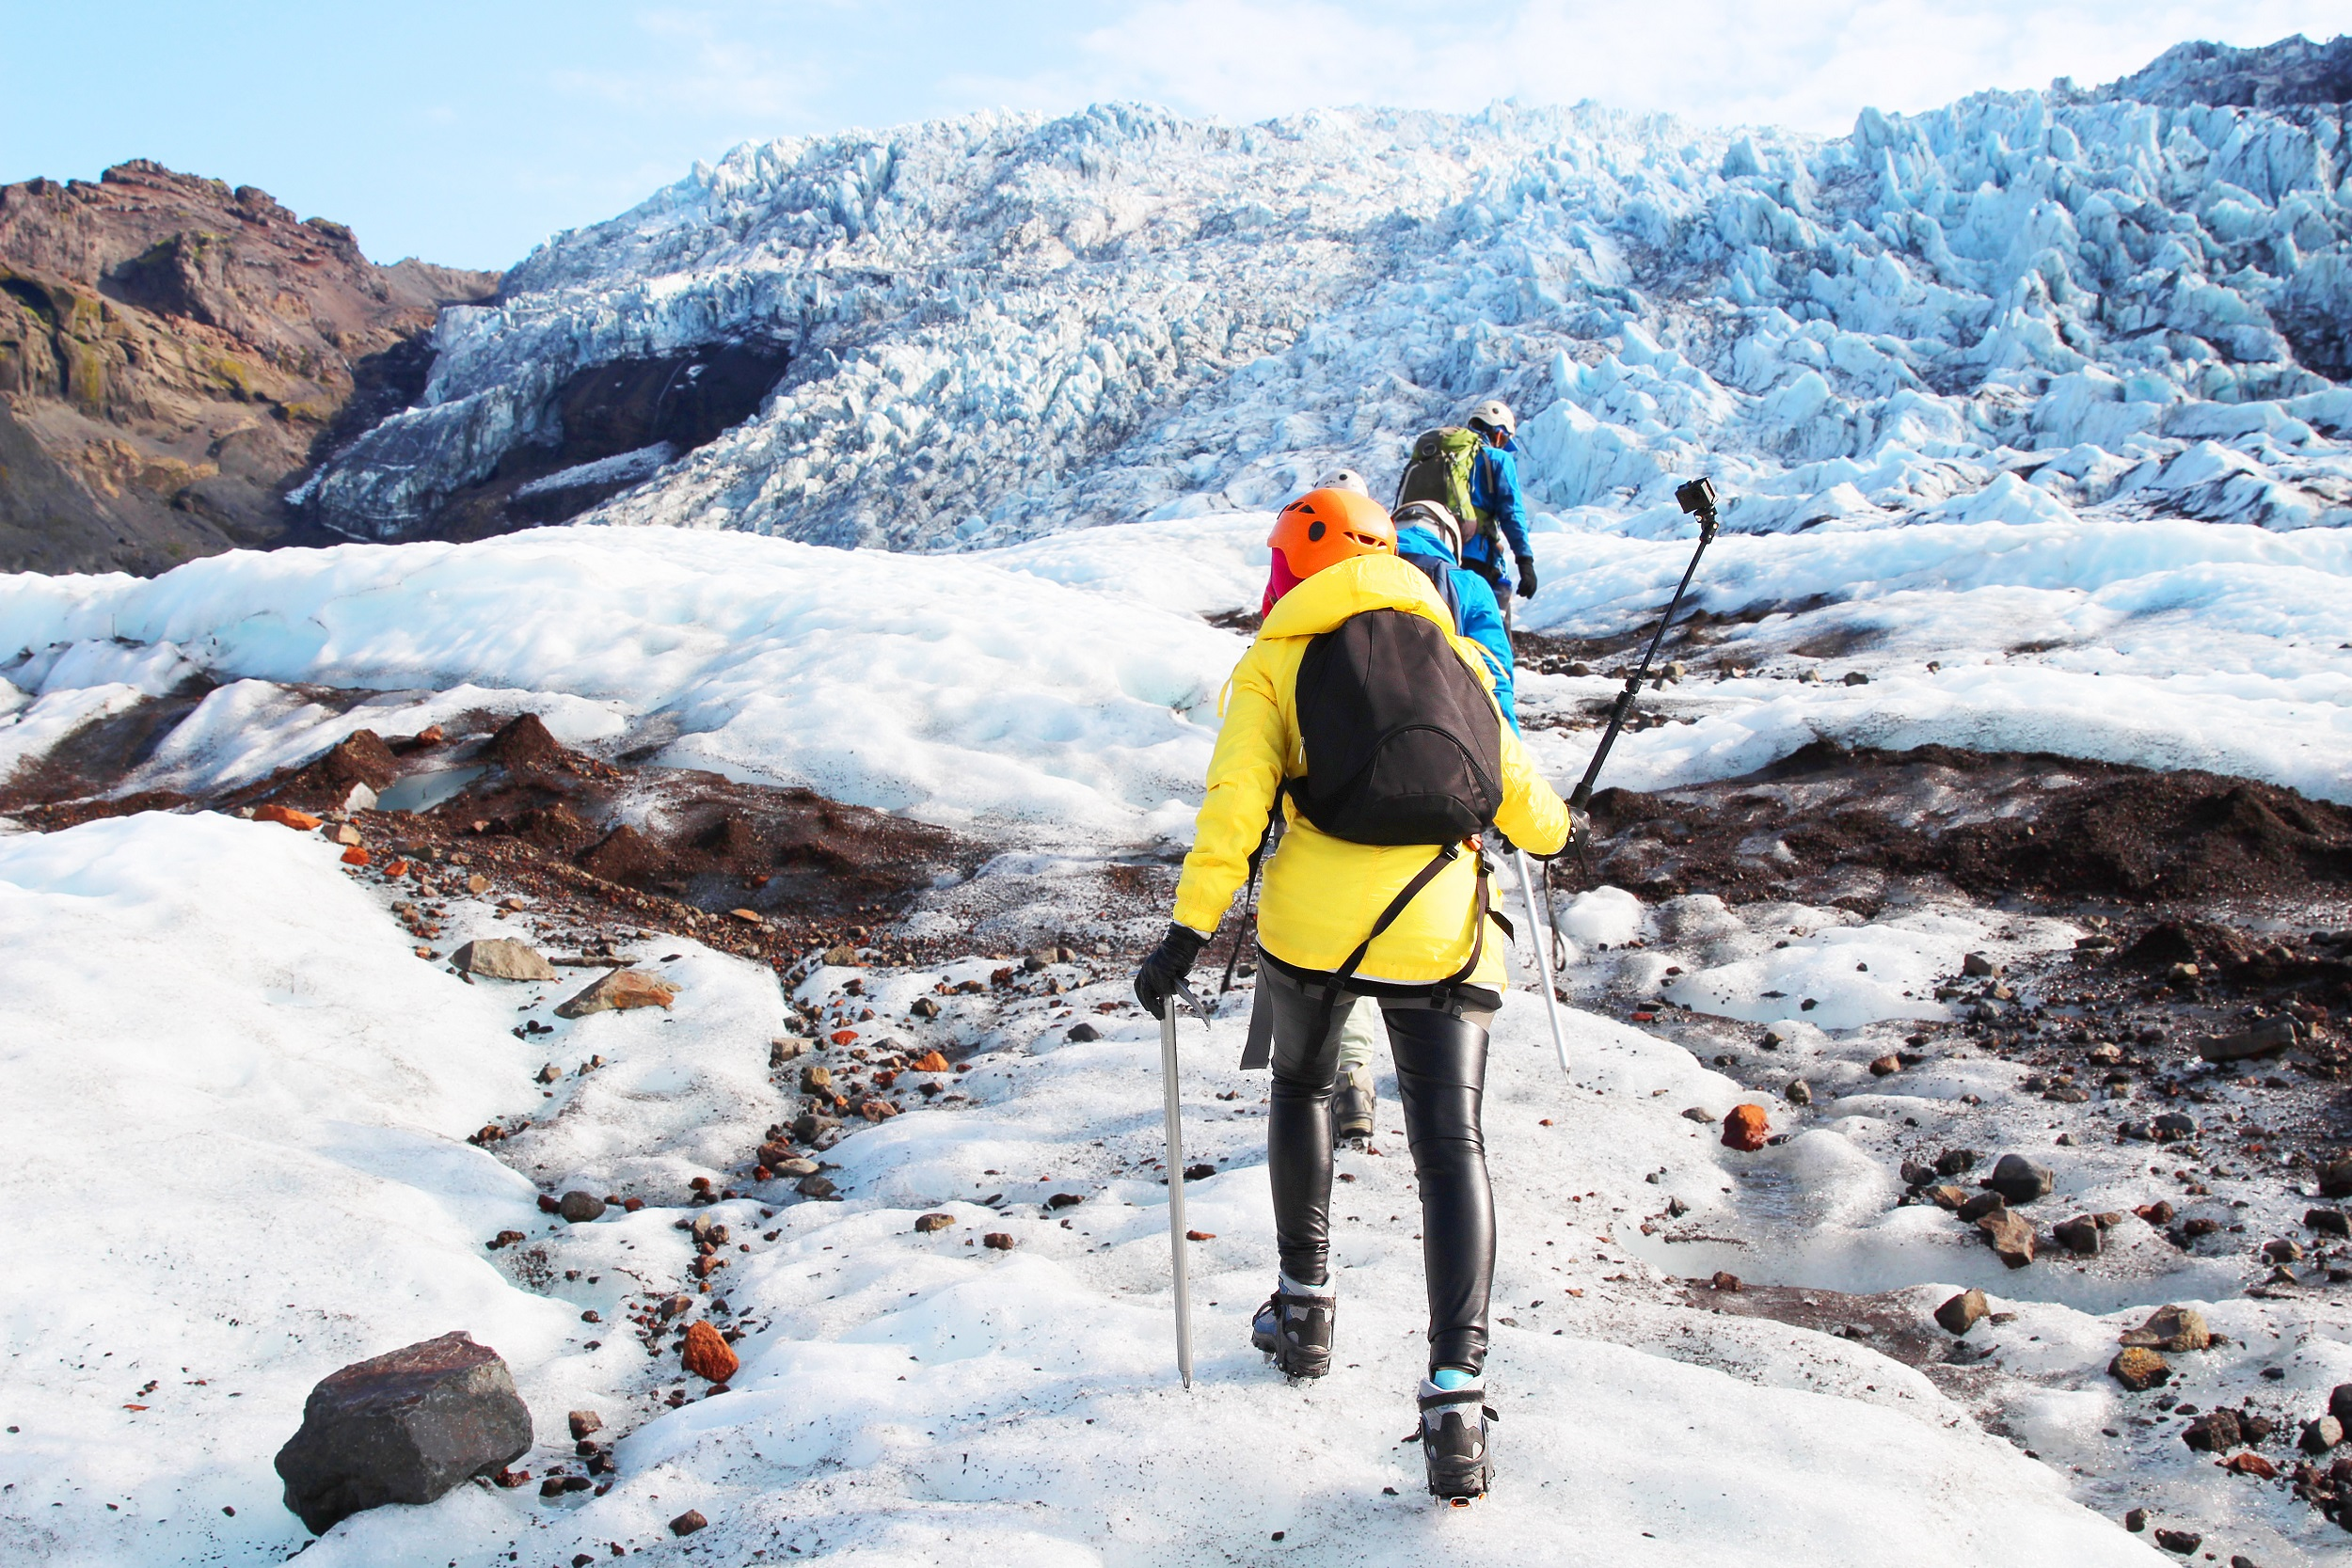 Gå opp Sólheimajökull-breen på sørkysten for å oppleve isen på Island.